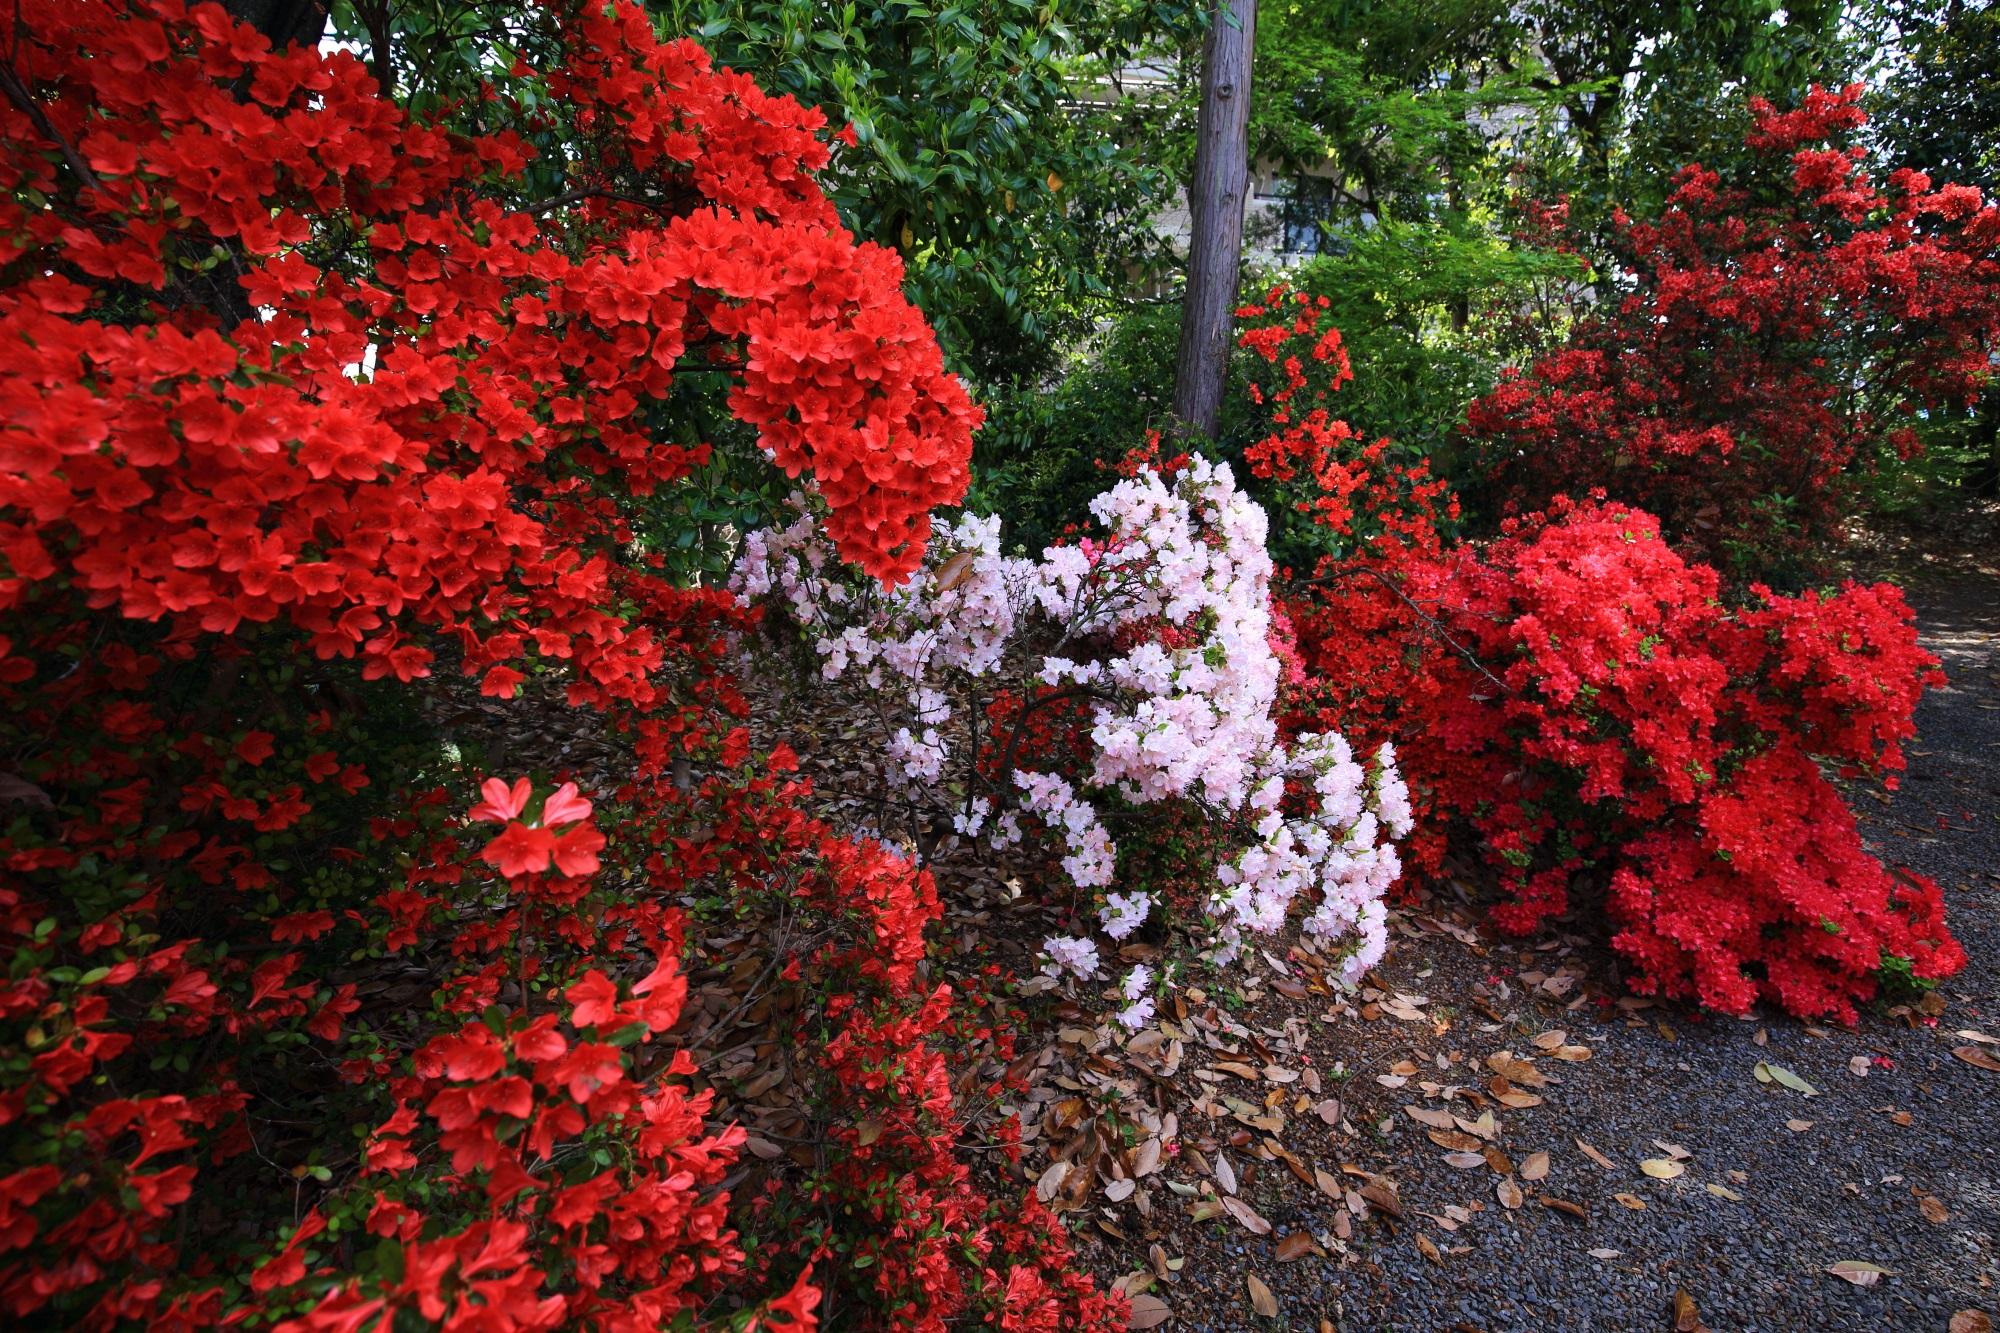 弾けんばかりに咲き誇る真っ赤なキリシマツツジと白いツツジ